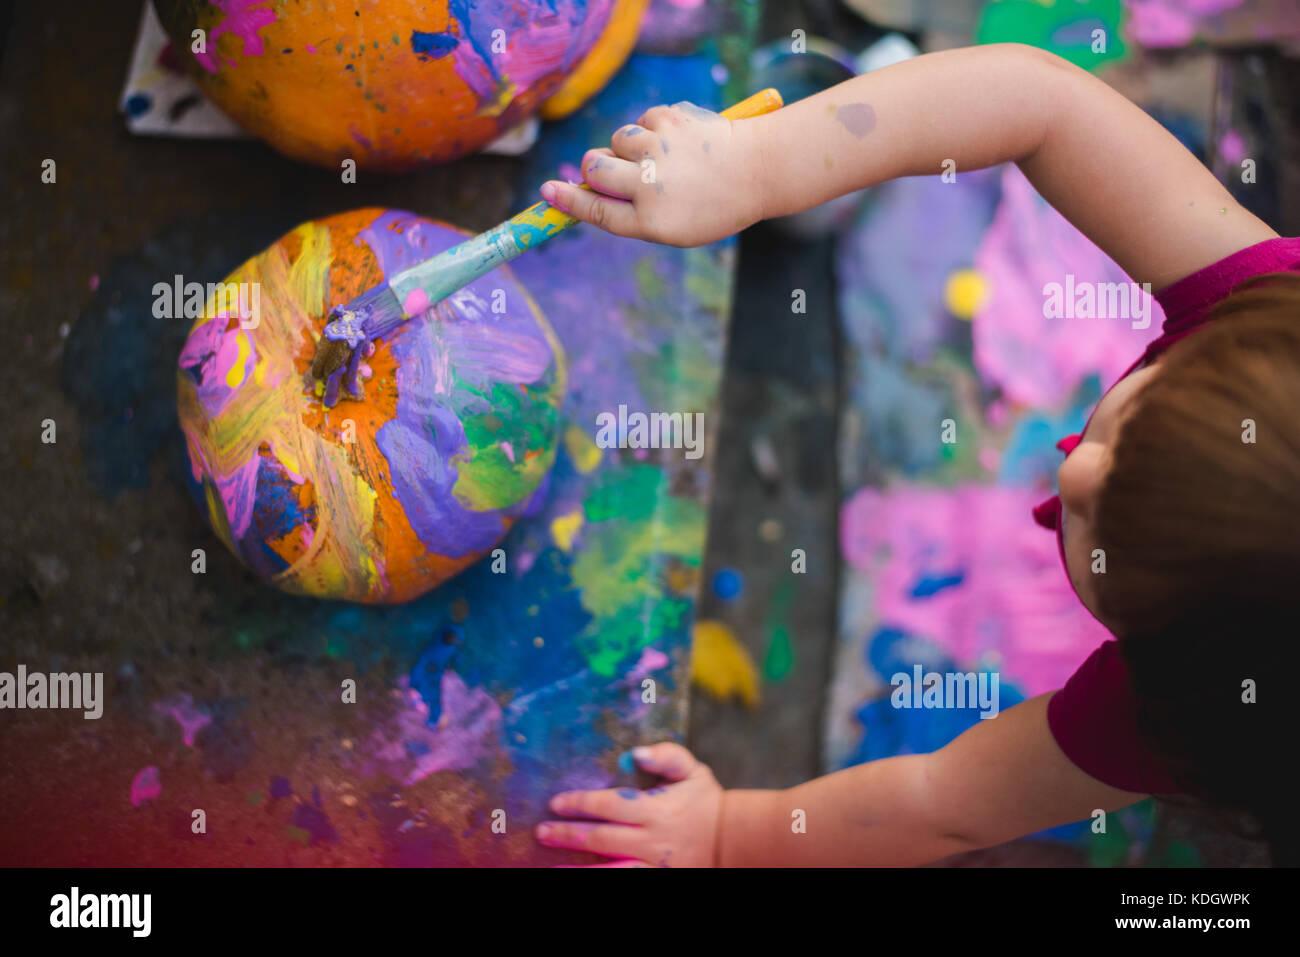 Une petite fille au cours d'activités d'automne citrouilles peintures. Photo Stock